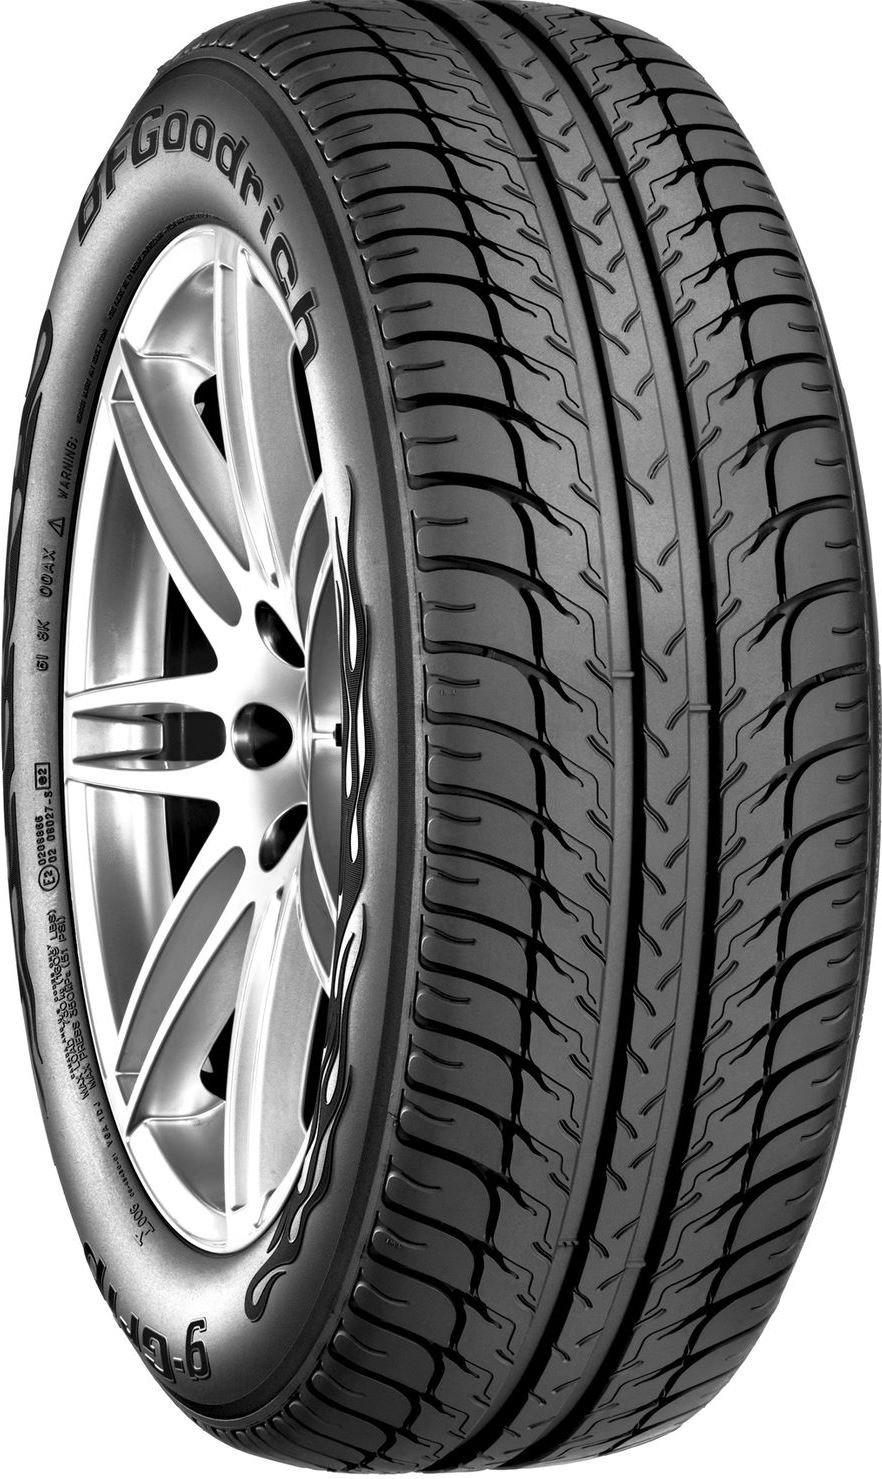 CTRA BFGOODRICH 215//55 R18 99V G-GRIP SUV XL 4X4